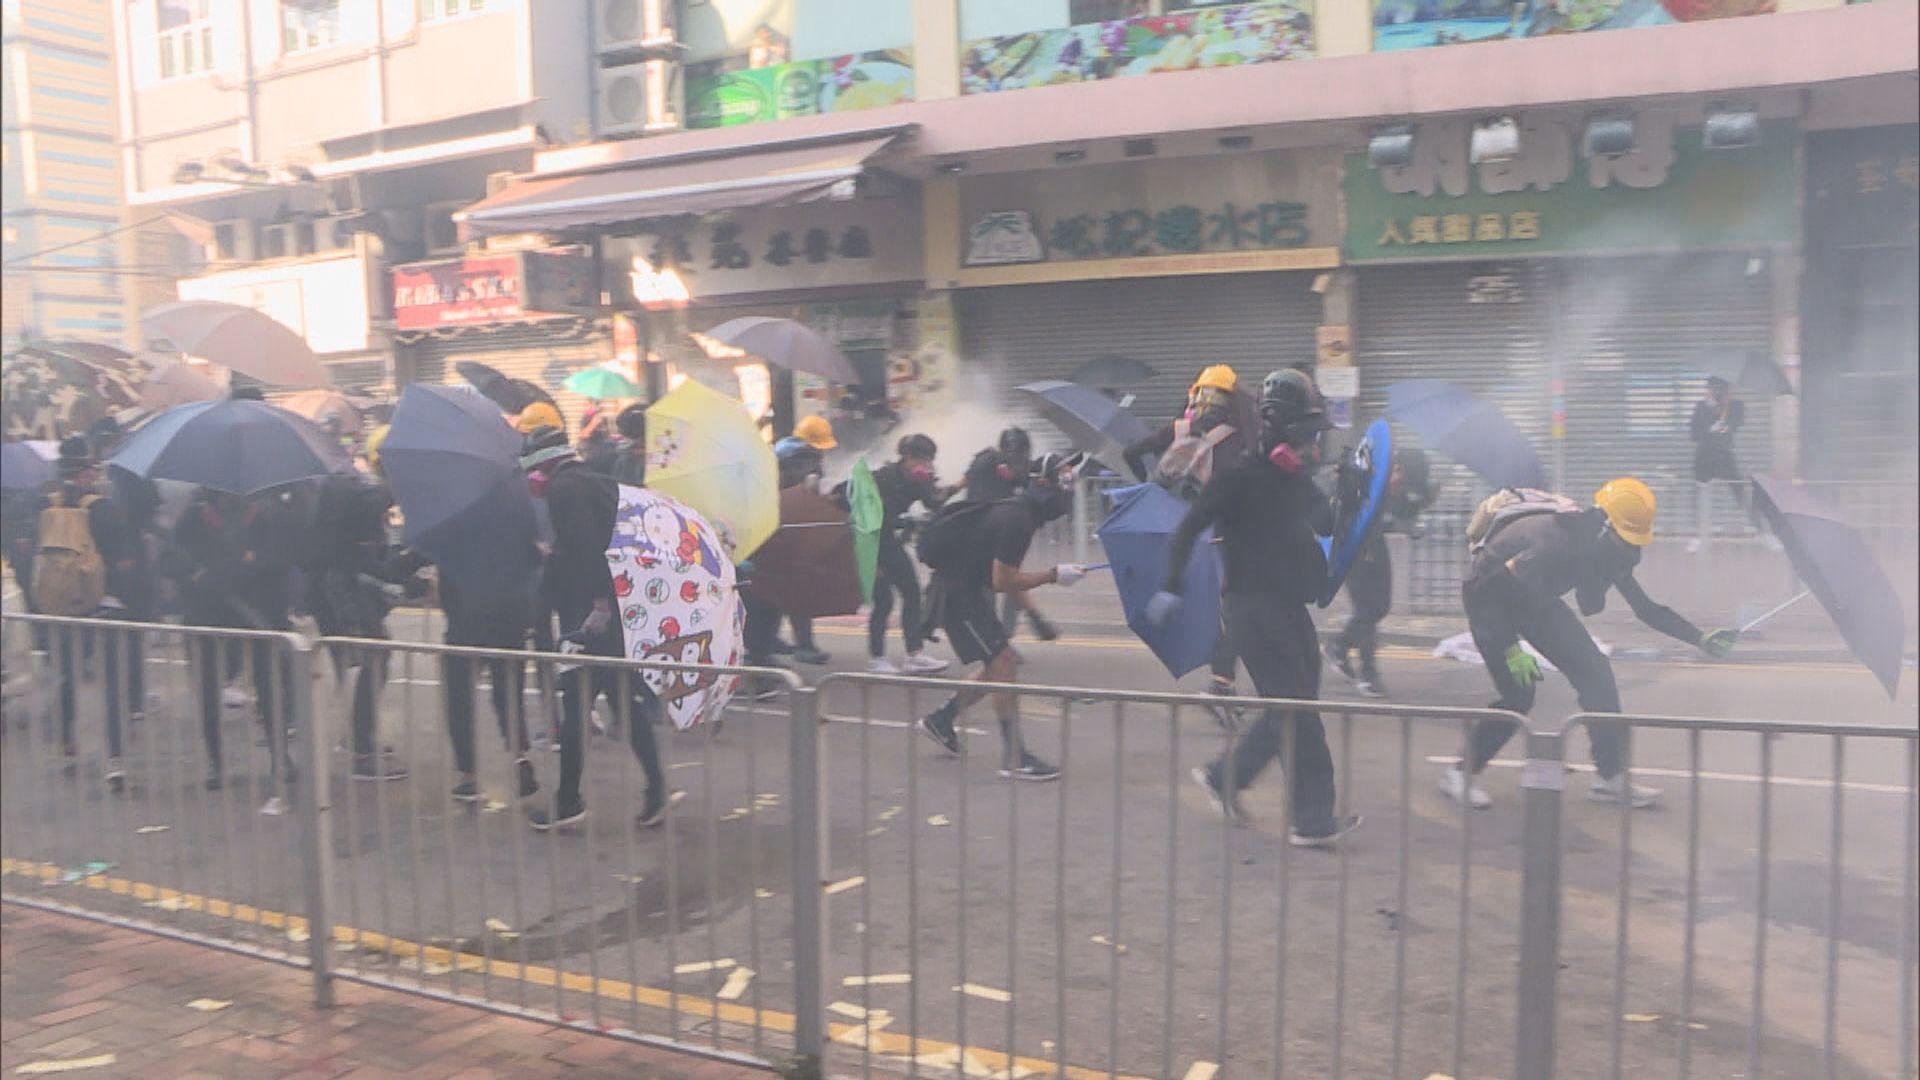 四人前年國慶日在荃灣參與暴動罪成